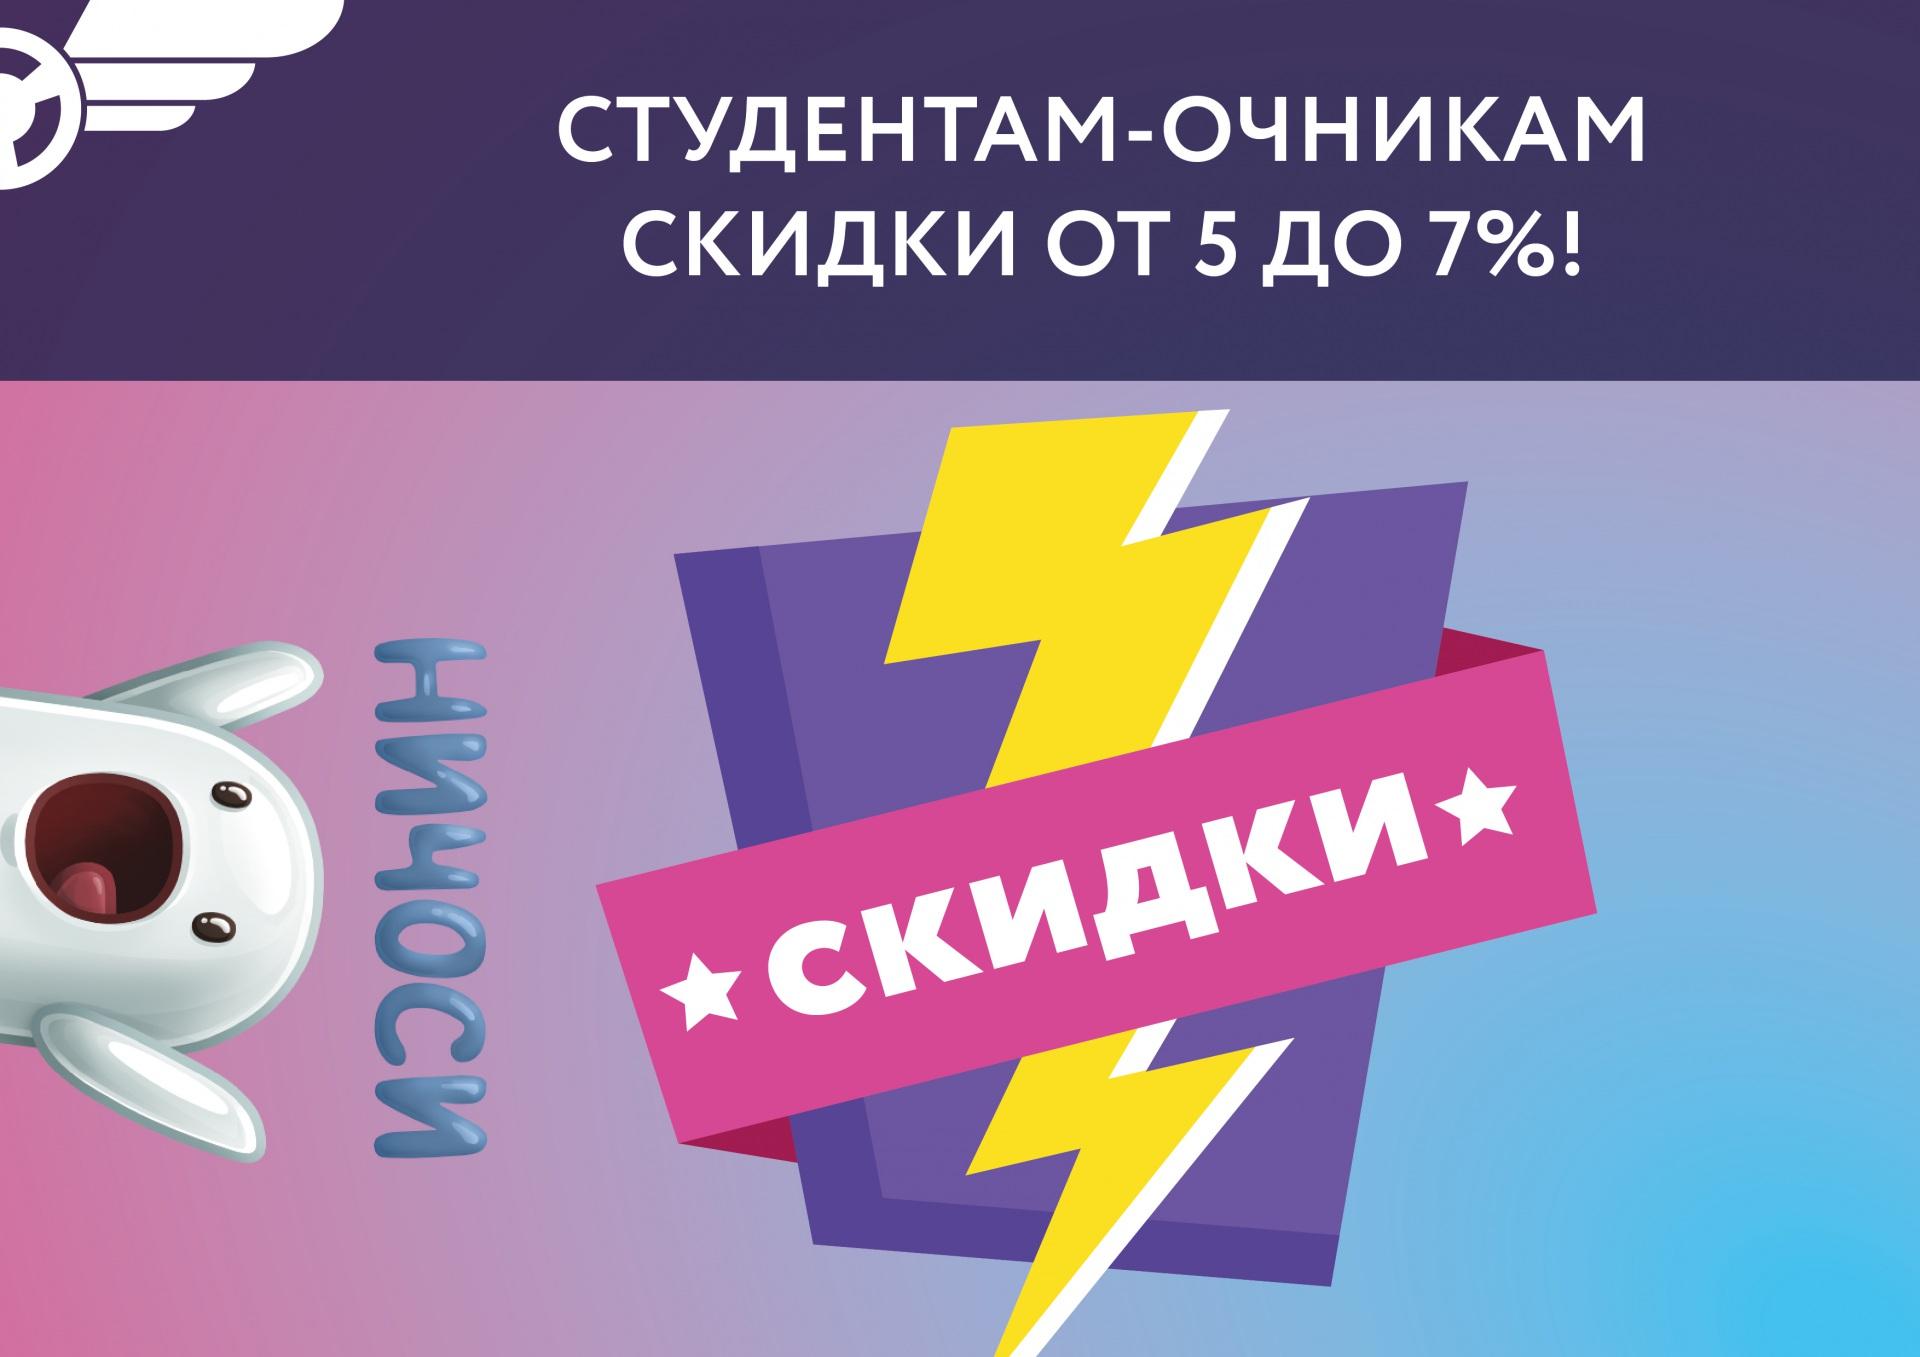 Post-dlya-VK_Skidki-studentam_Vesna-01.jpg